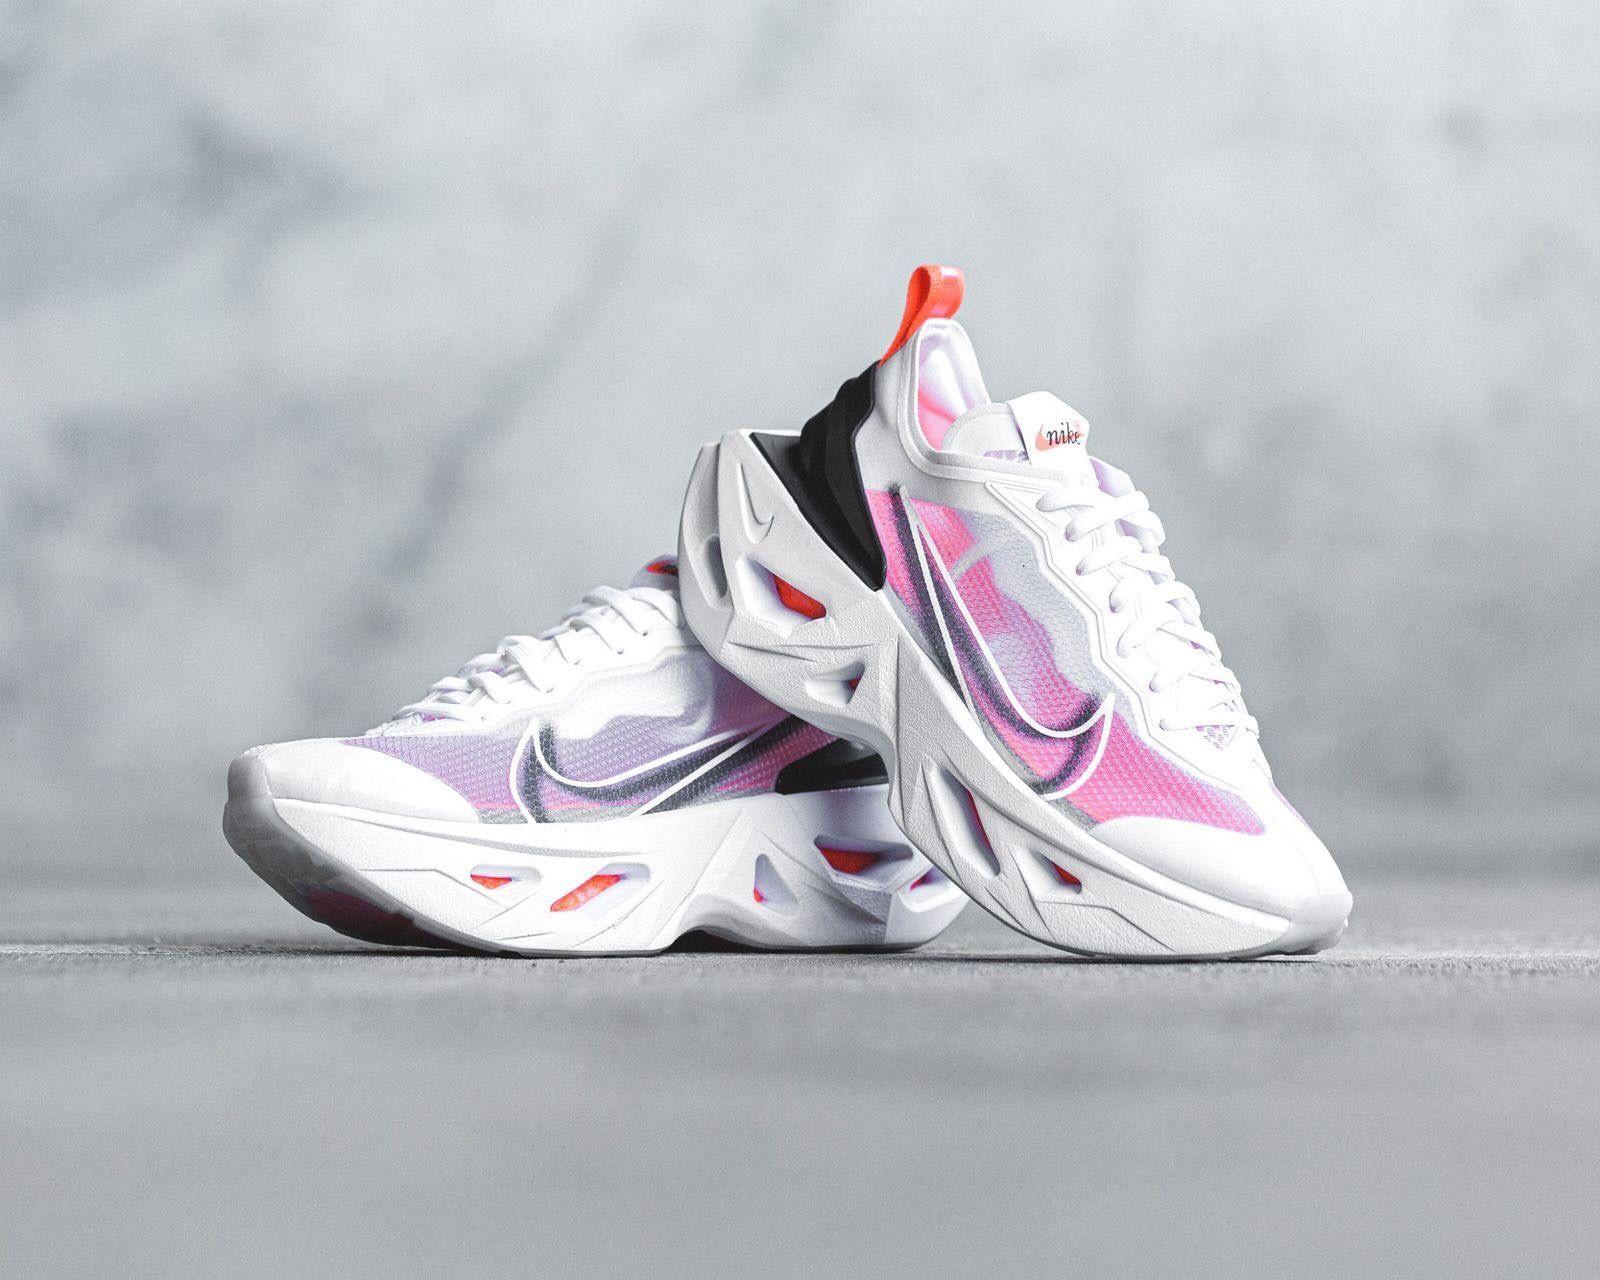 Nike Zoom X Vista Grind | Nike zoom, Sneakers nike, Nike